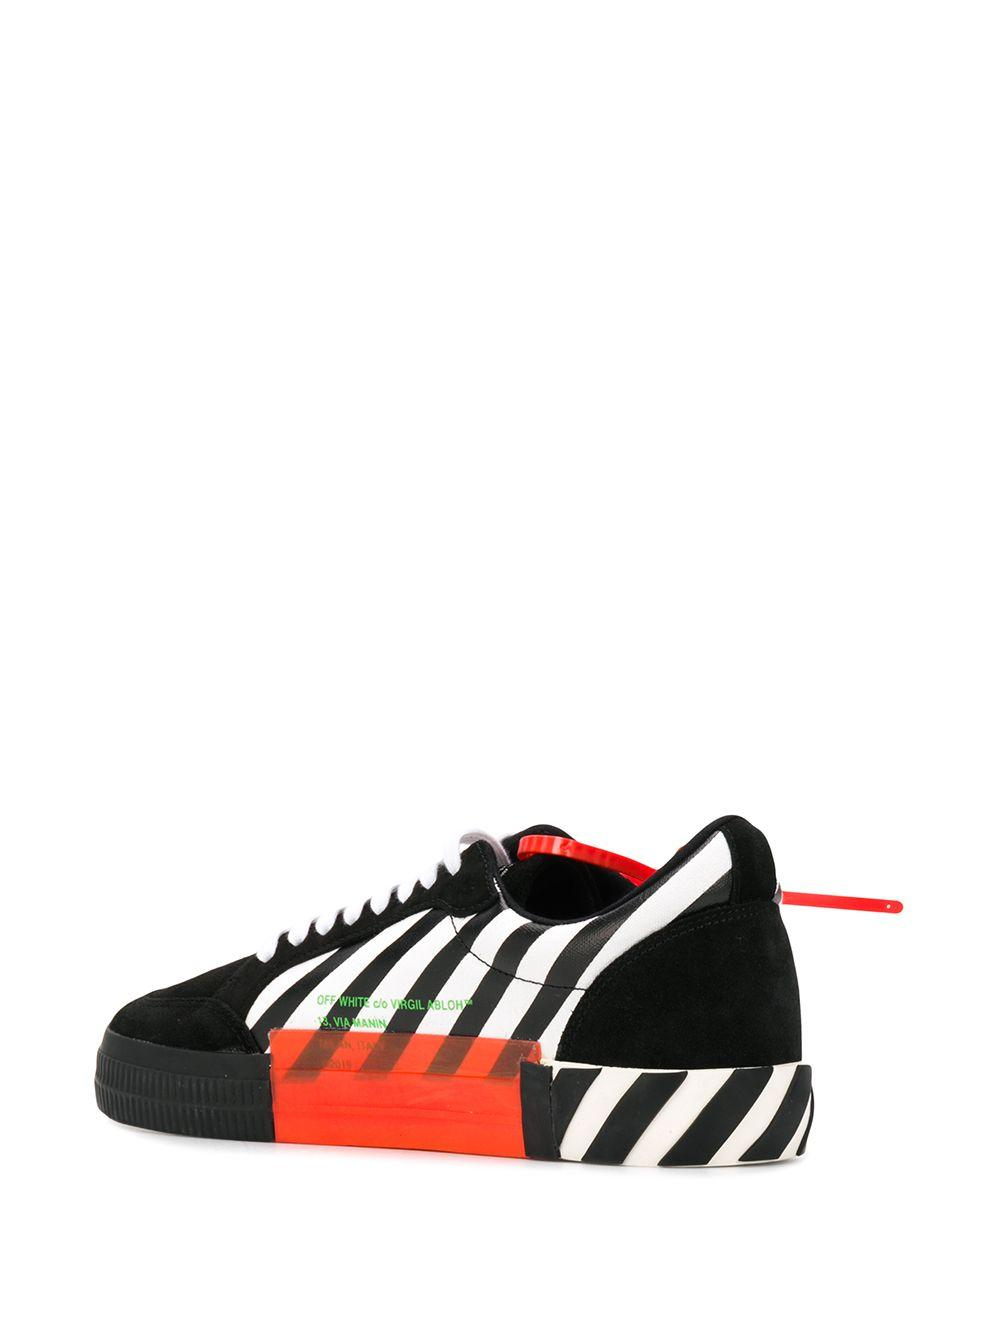 Zapatillas 3.0 Polo Off-White c/o Virgil Abloh de Algodón de color Negro para hombre